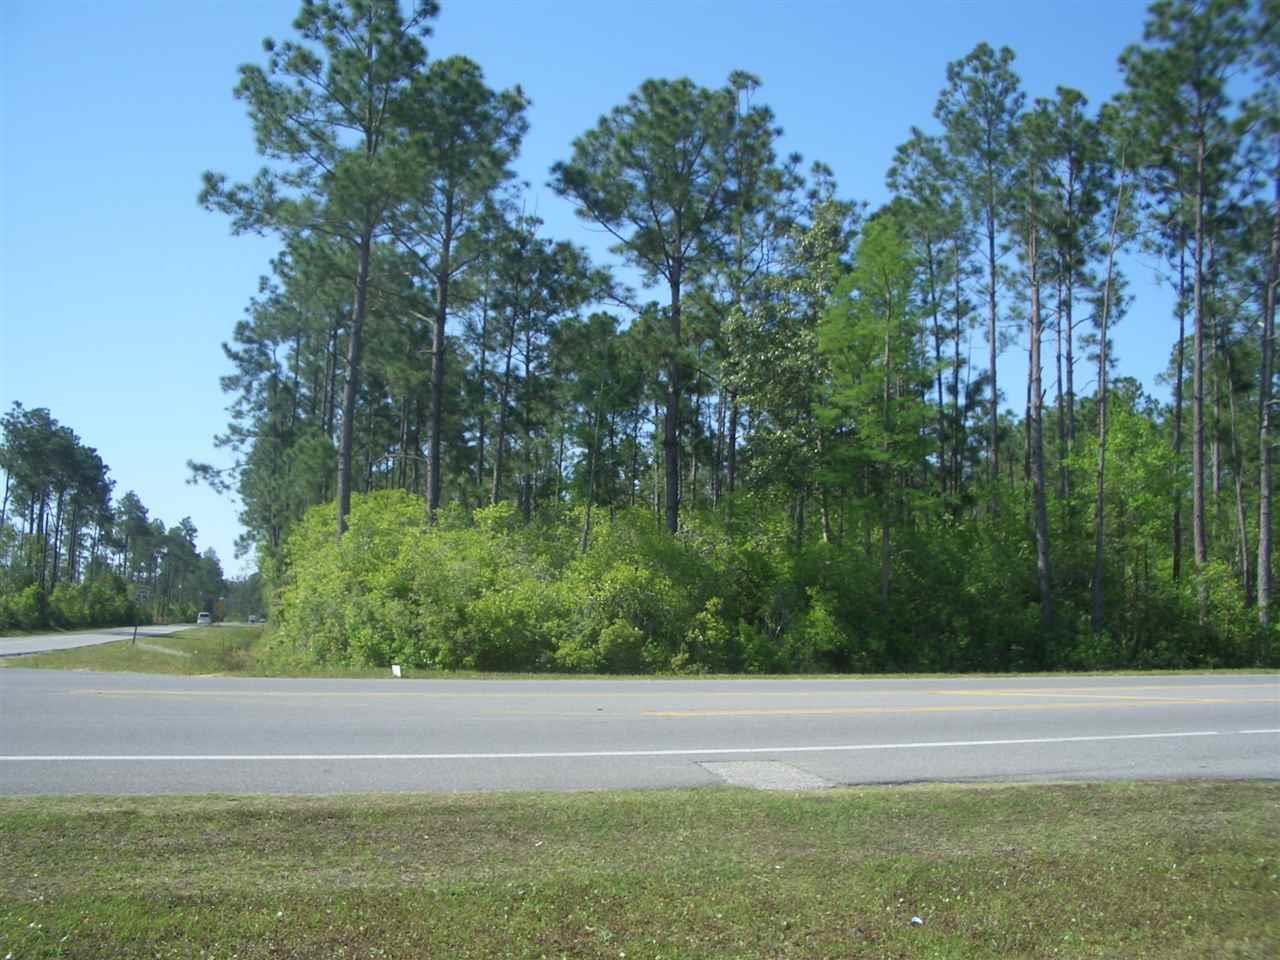 9721 W Hwy 98, Pensacola, FL 32506